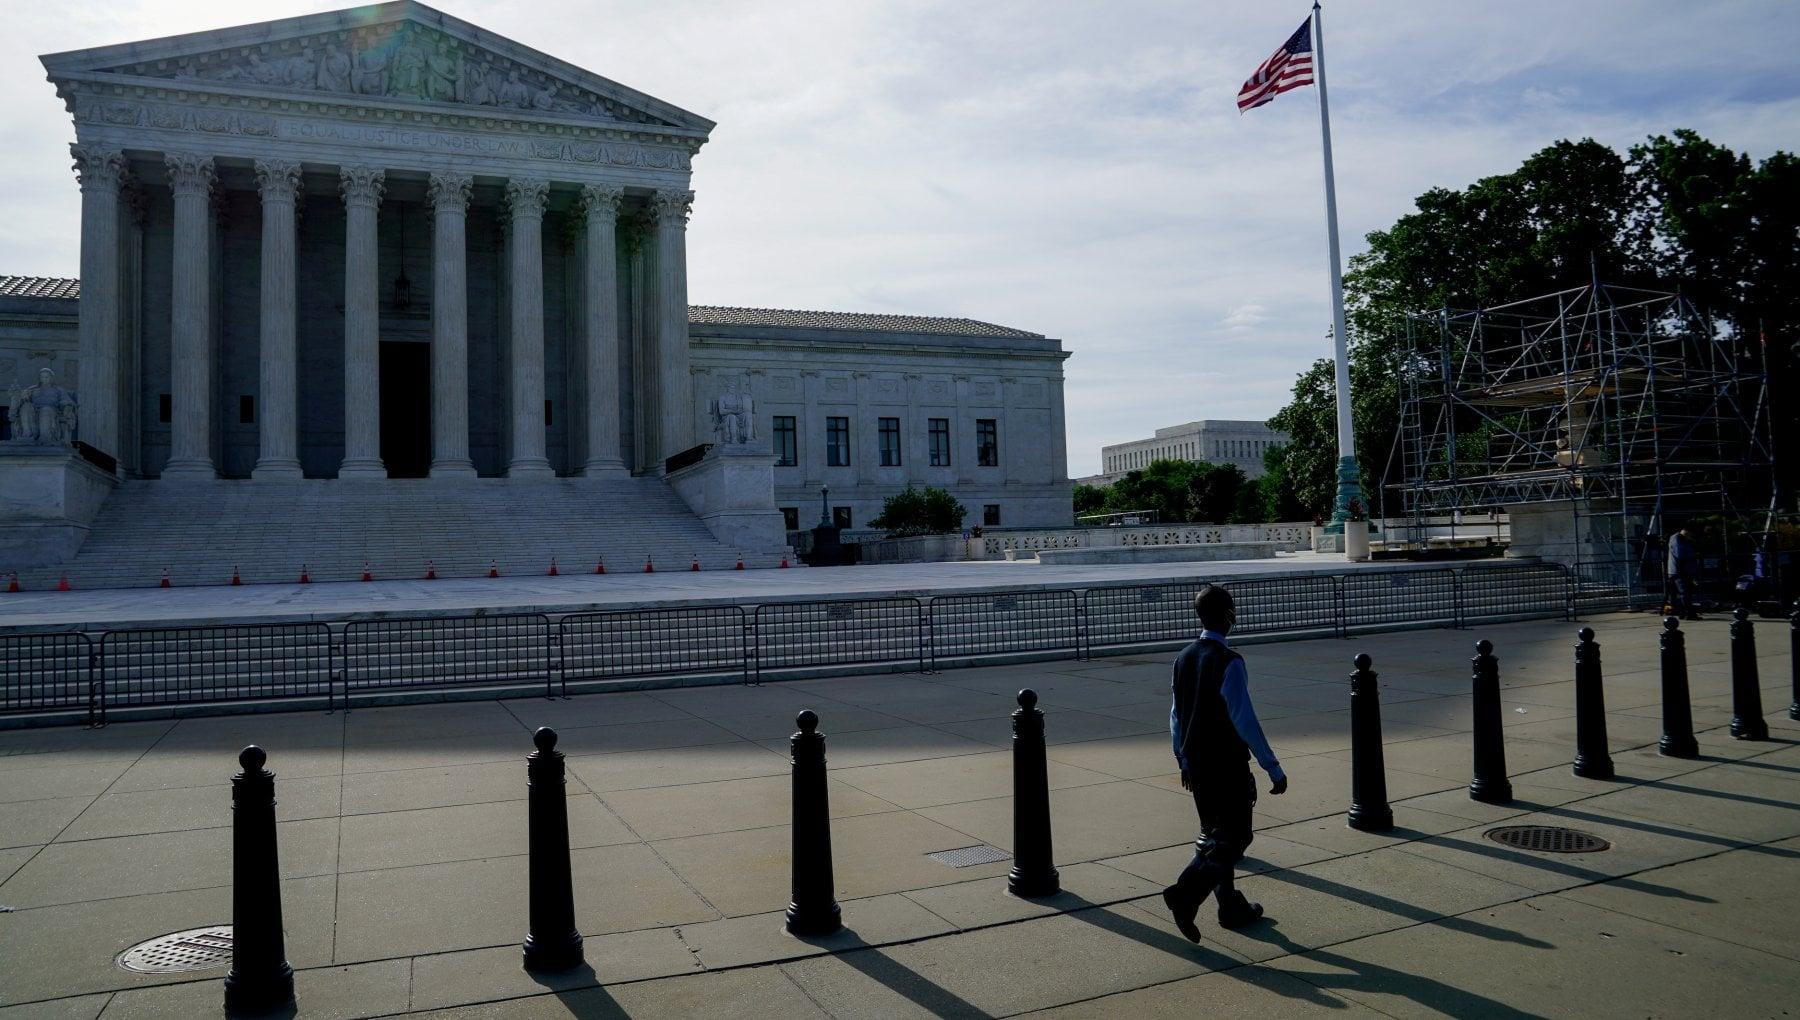 """094652750 19db1306 89cc 4e87 a1ea e051c46c182d - Texas, la studentessa va """"fuori tema"""" e difende il diritto all'aborto alla cerimonia di diploma : il video diventa virale"""